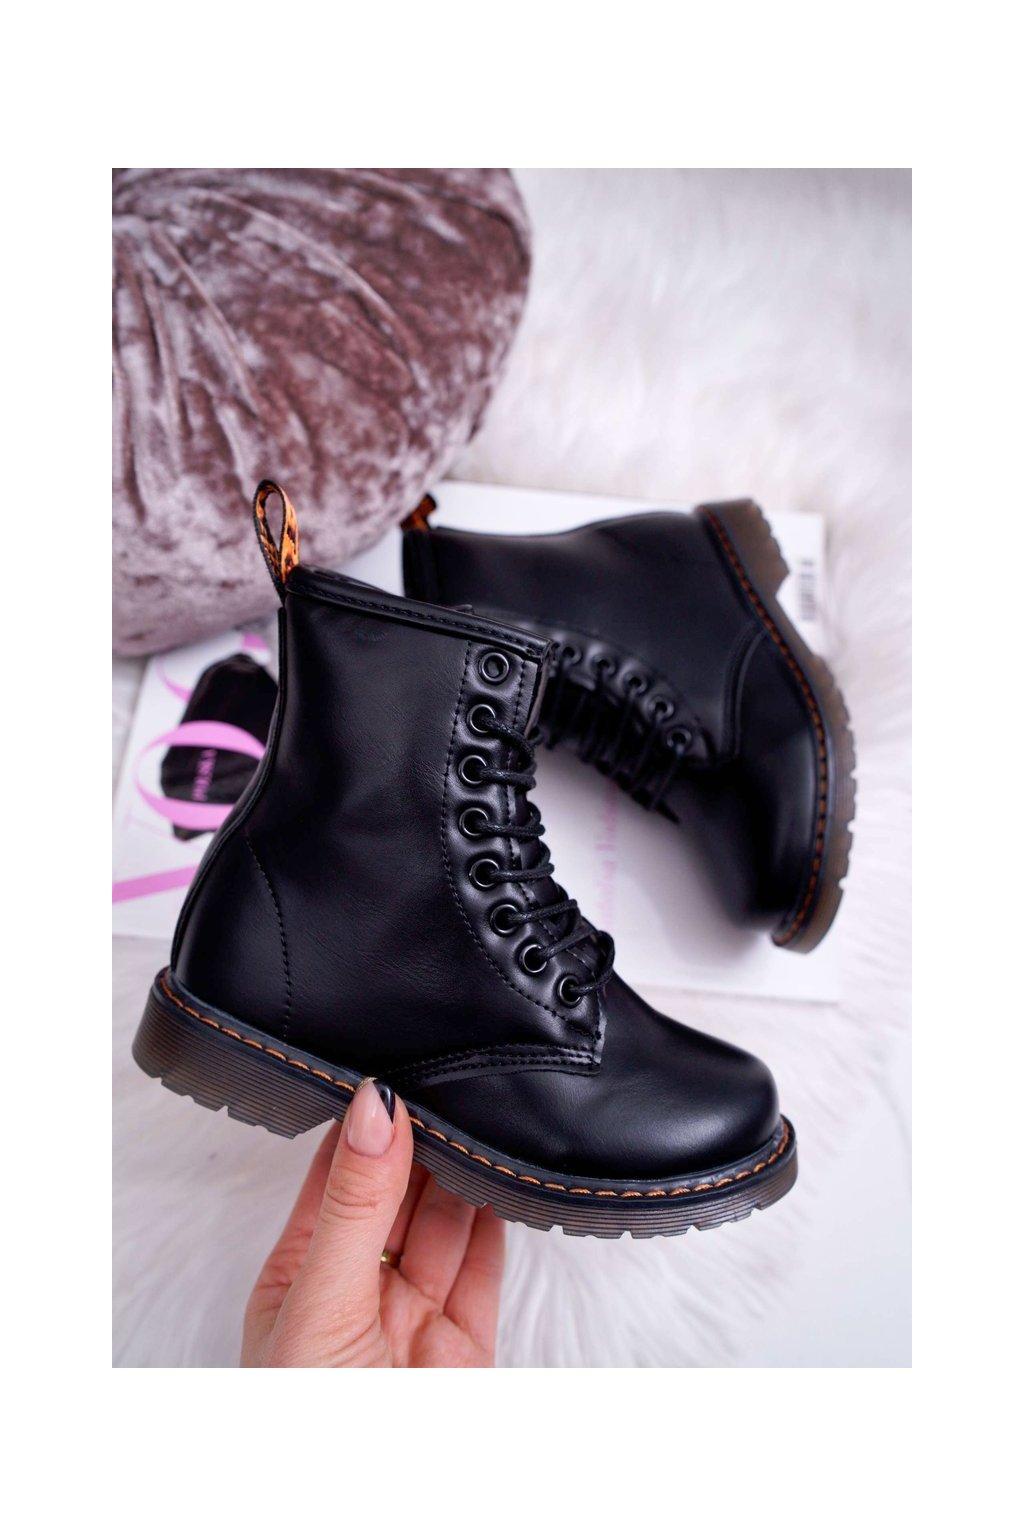 Detské topánky zateplené so zipsom Lakované čierne Goopy NJSK 20322